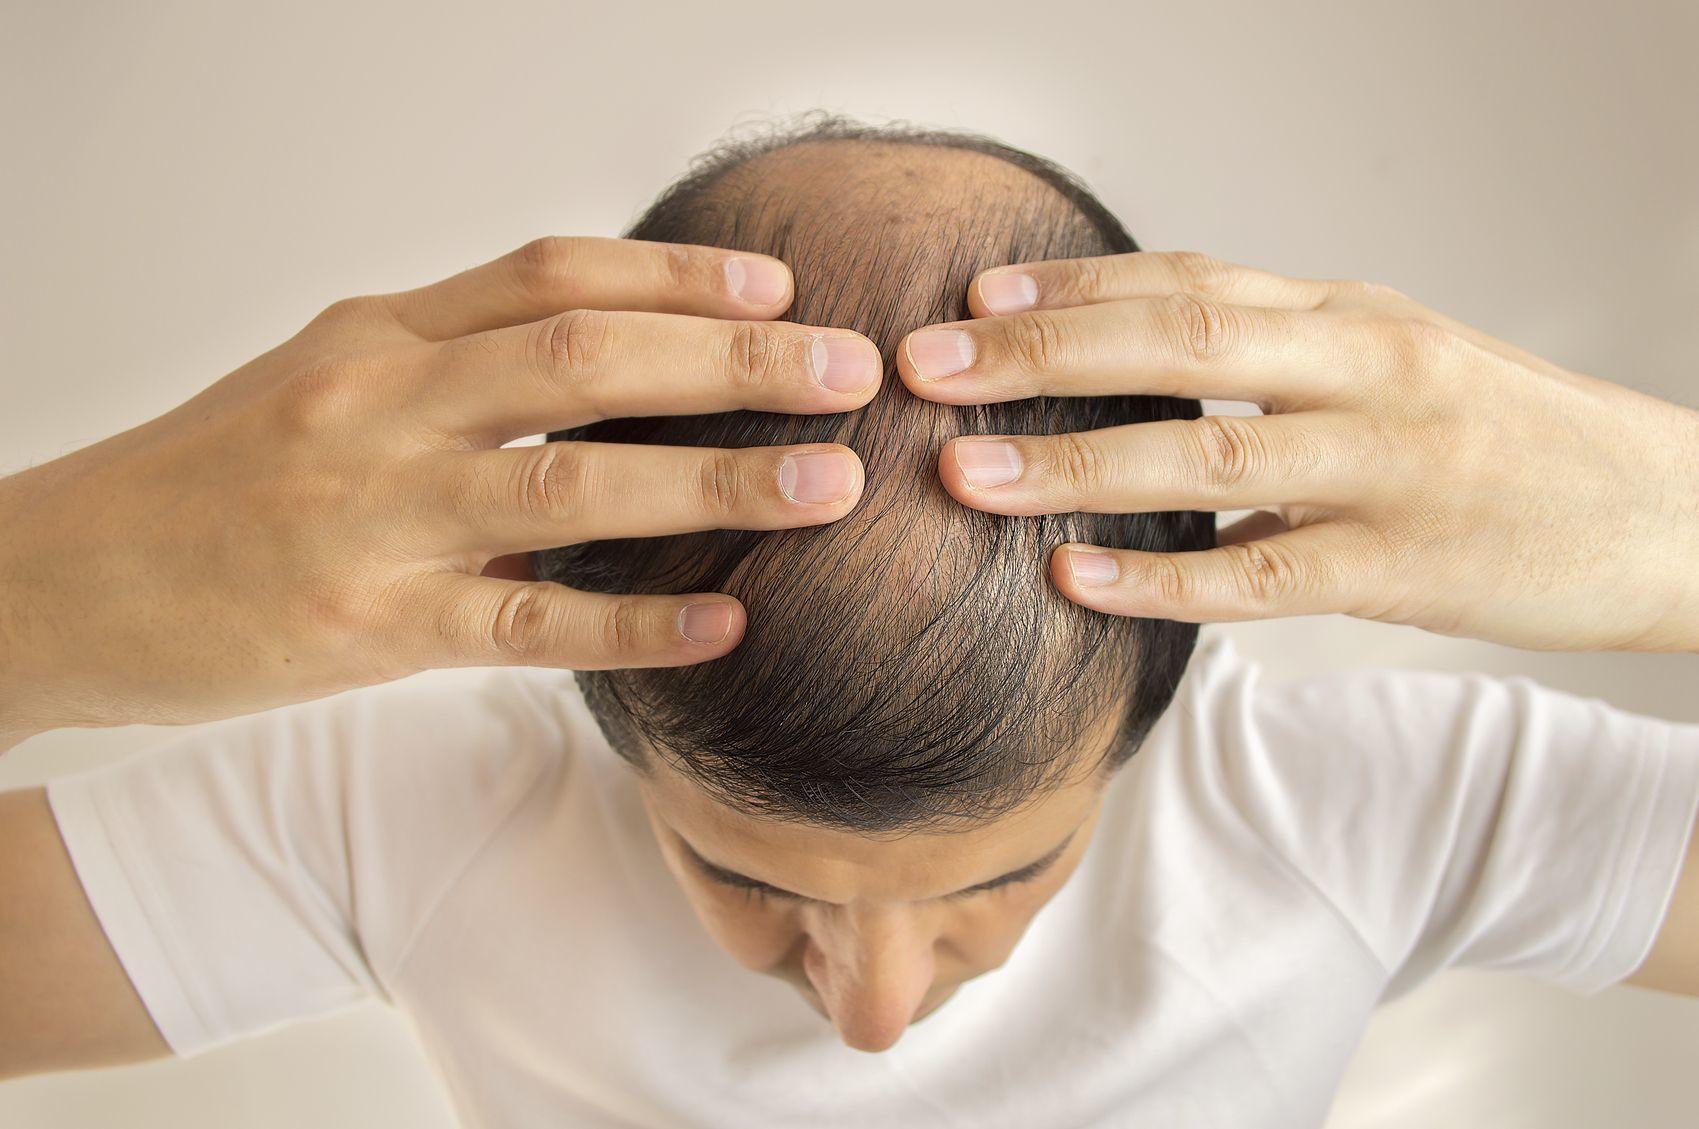 育毛剤 髪の毛をこすらない